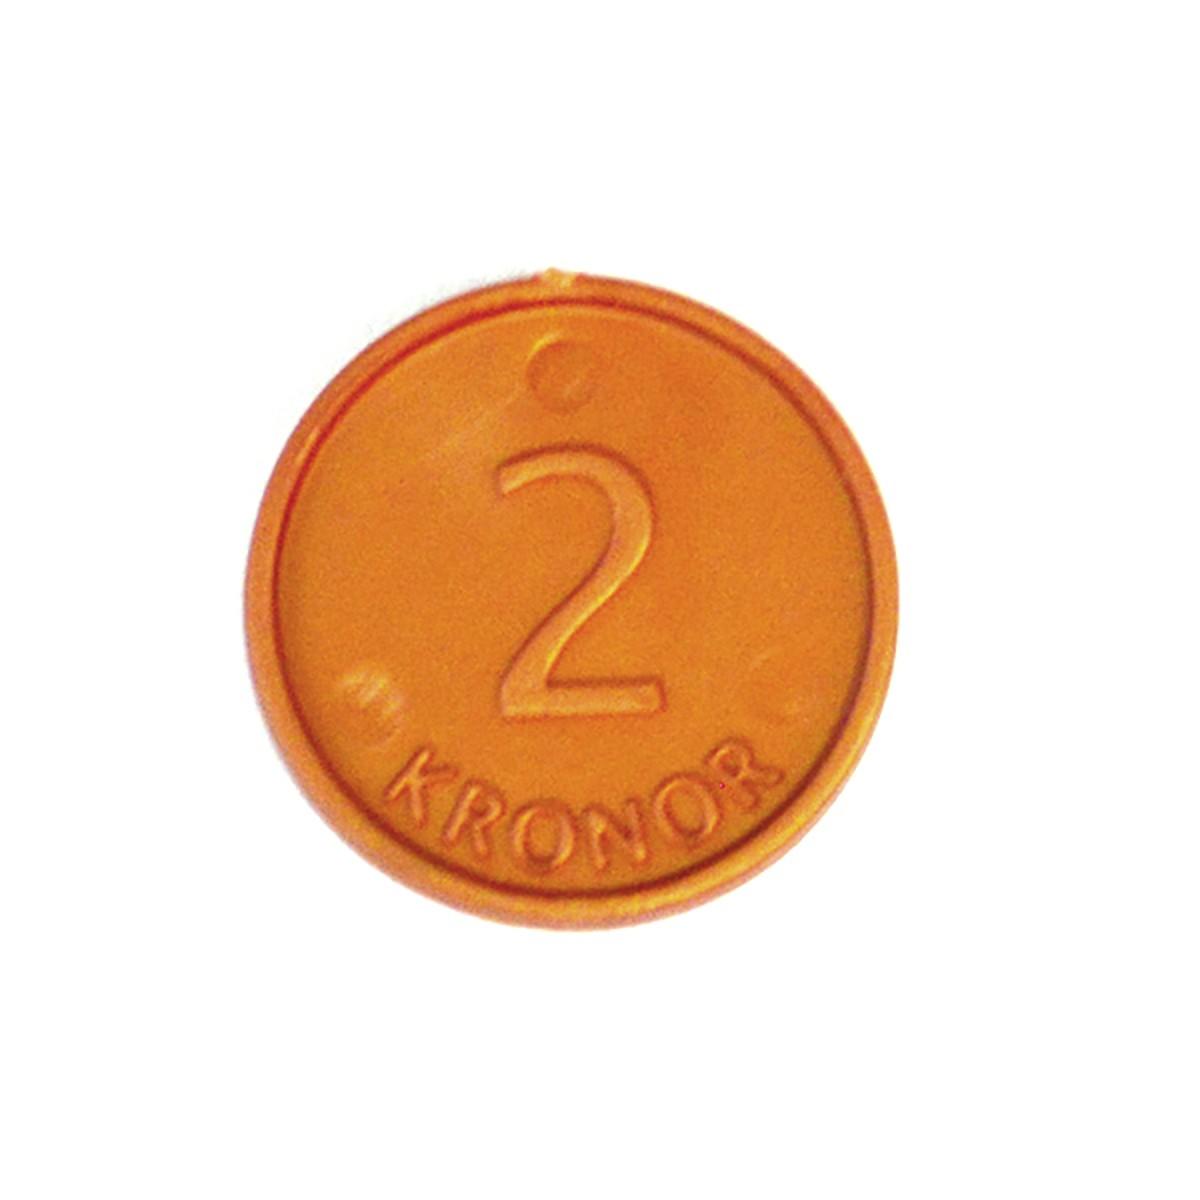 2 kr mynt / 100-pack